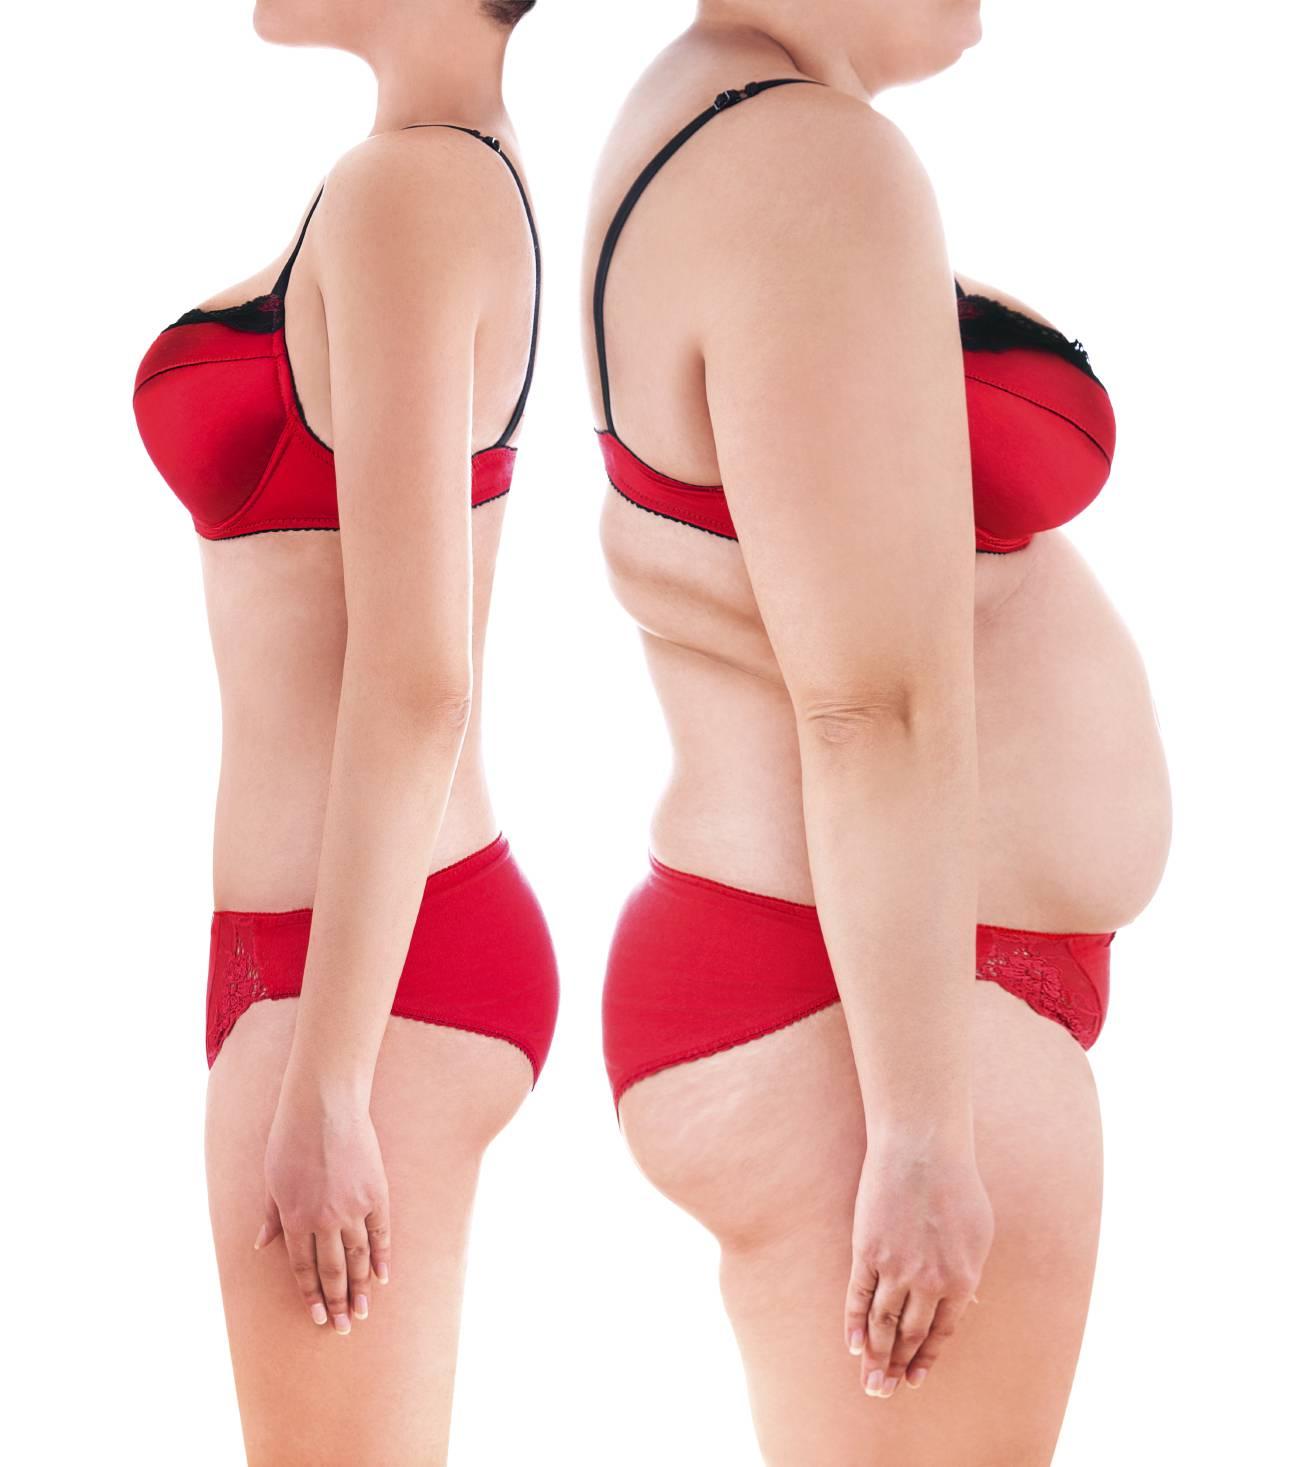 perdere peso 10 chili in un mese mangiando sanoff